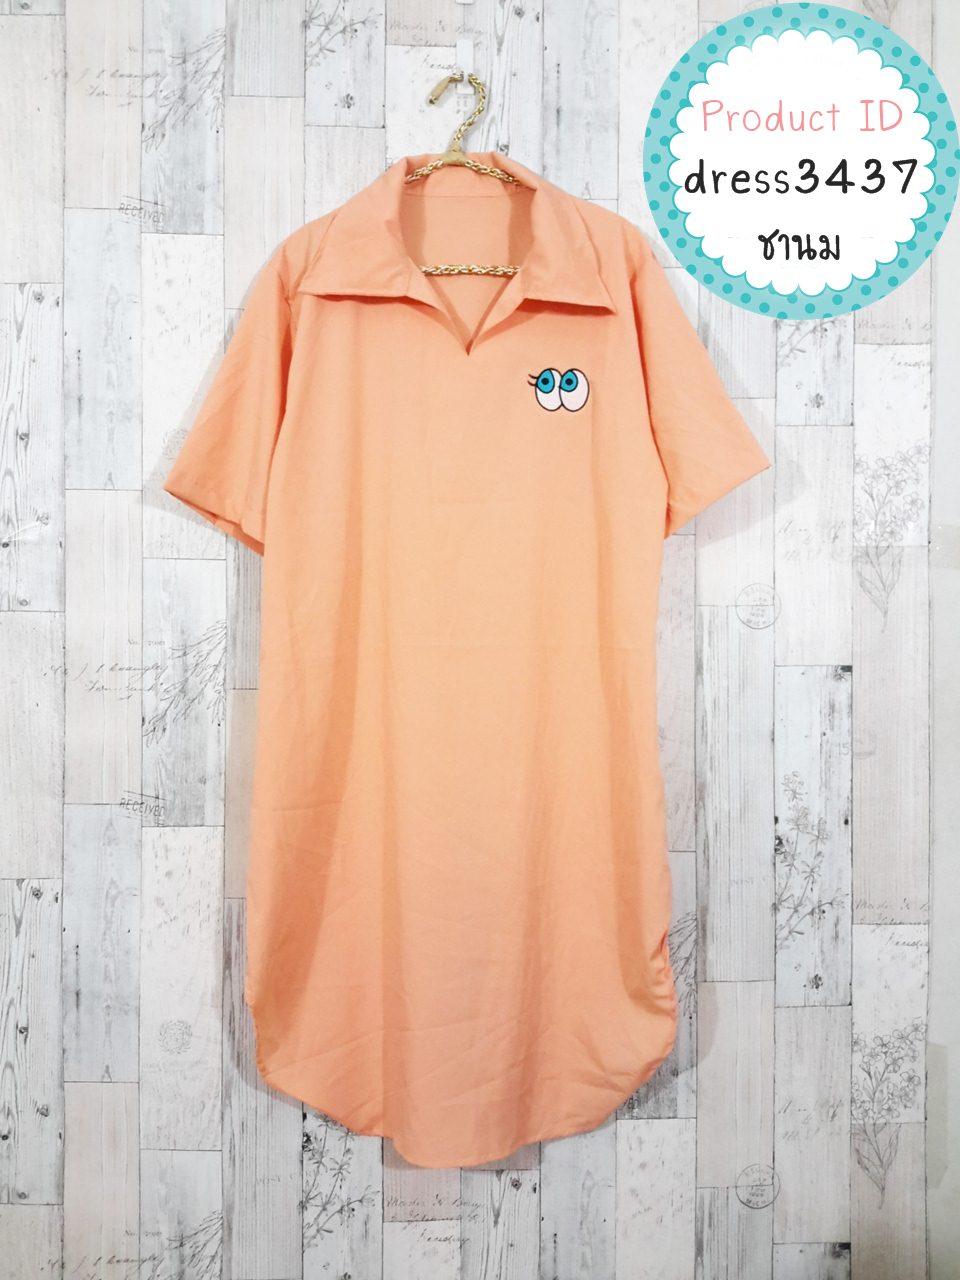 Dress3437 Big Size Dress ชุดเดรสไซส์ใหญ่คอปกเชิ้ต แขนสั้น ผ้าหางกระรอกเนื้อดีสีพื้นชานม